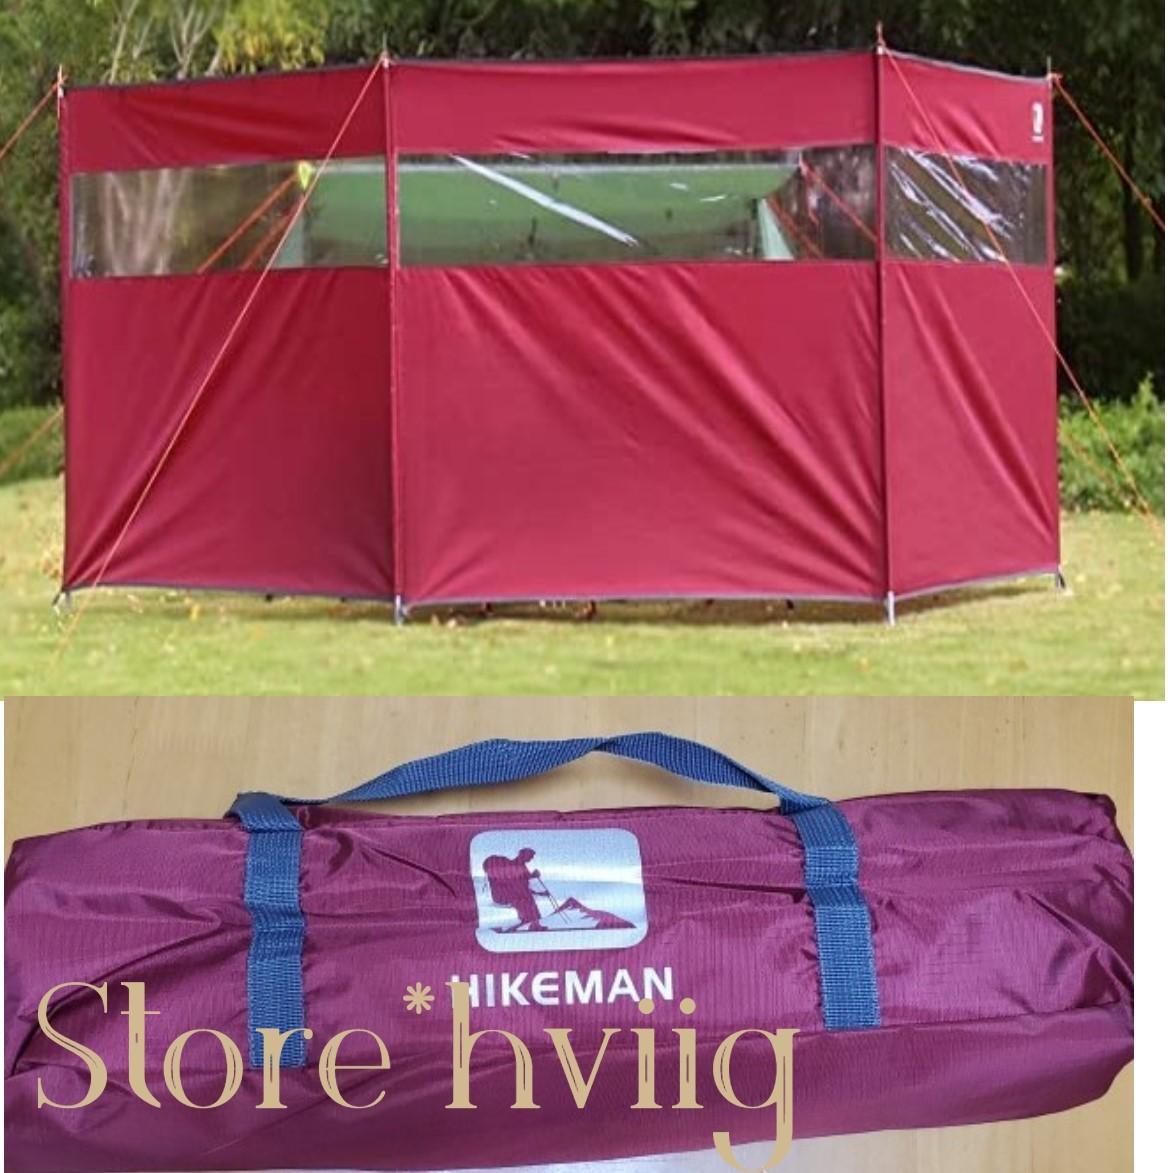 ウィンドスクリーン 風防 陣幕 焚き火幕 キャンプ 目隠しタープ / ツーリング テント アウトドア